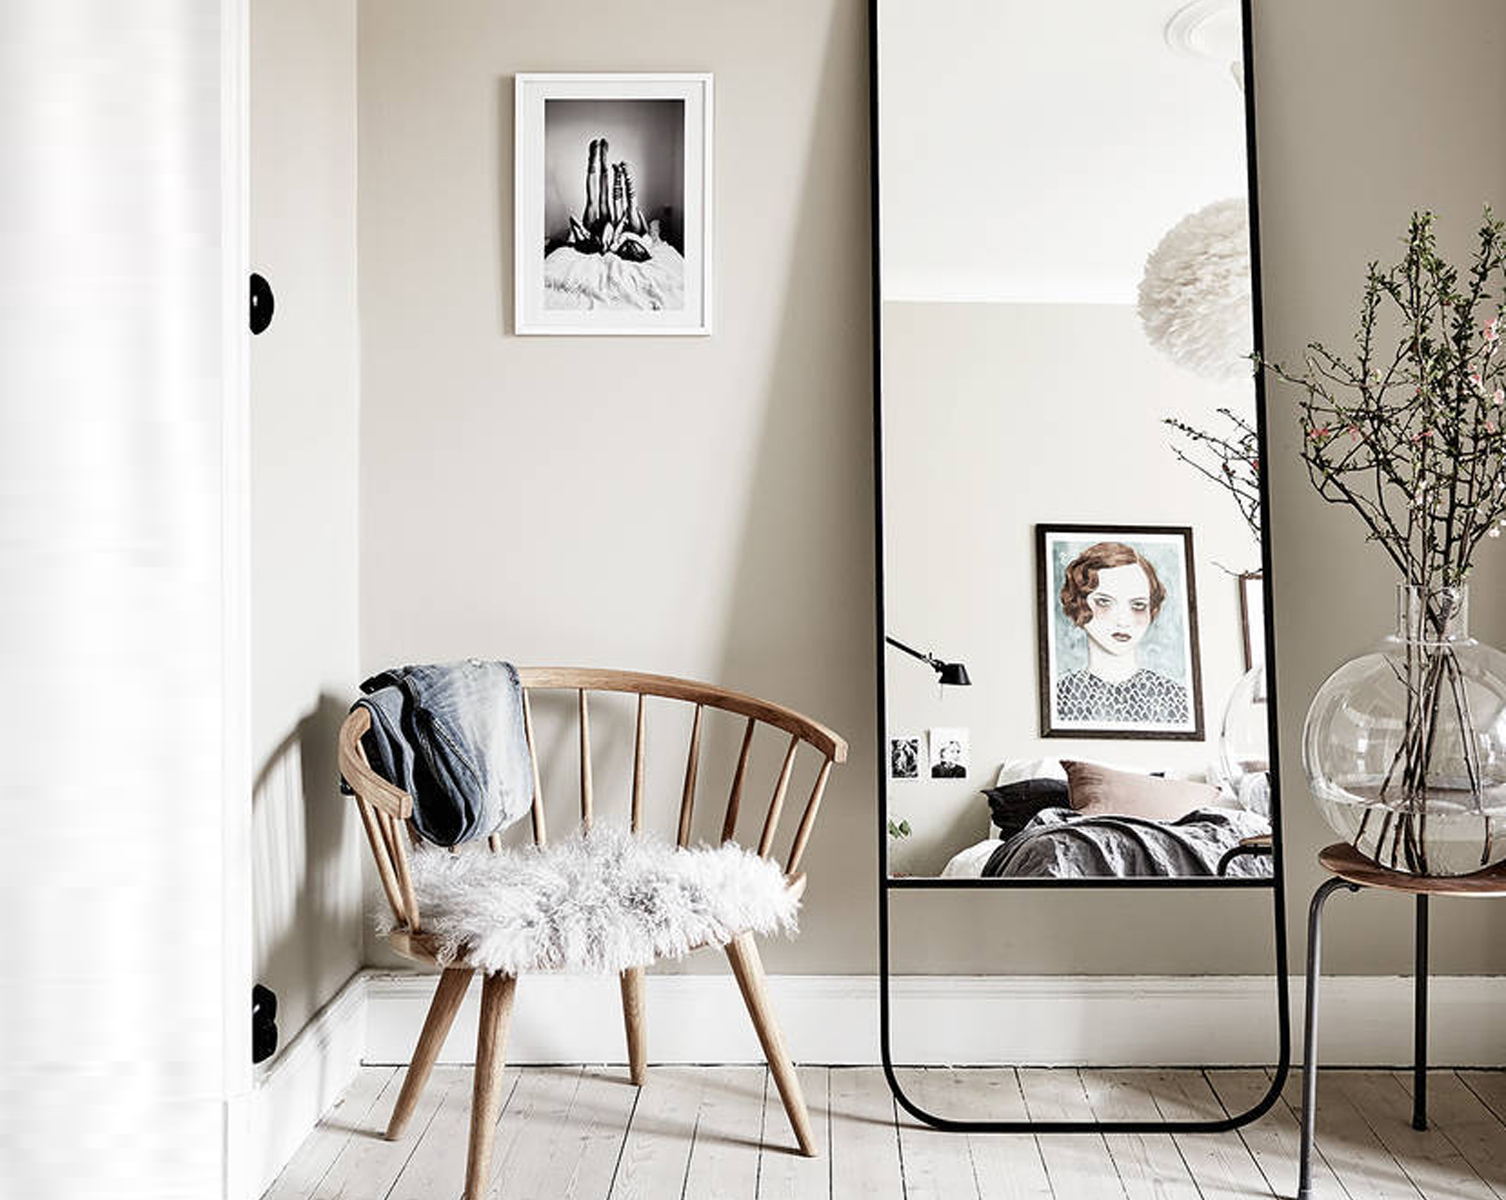 Specchio-per-far-sembrare-la-stanza-più-grande-